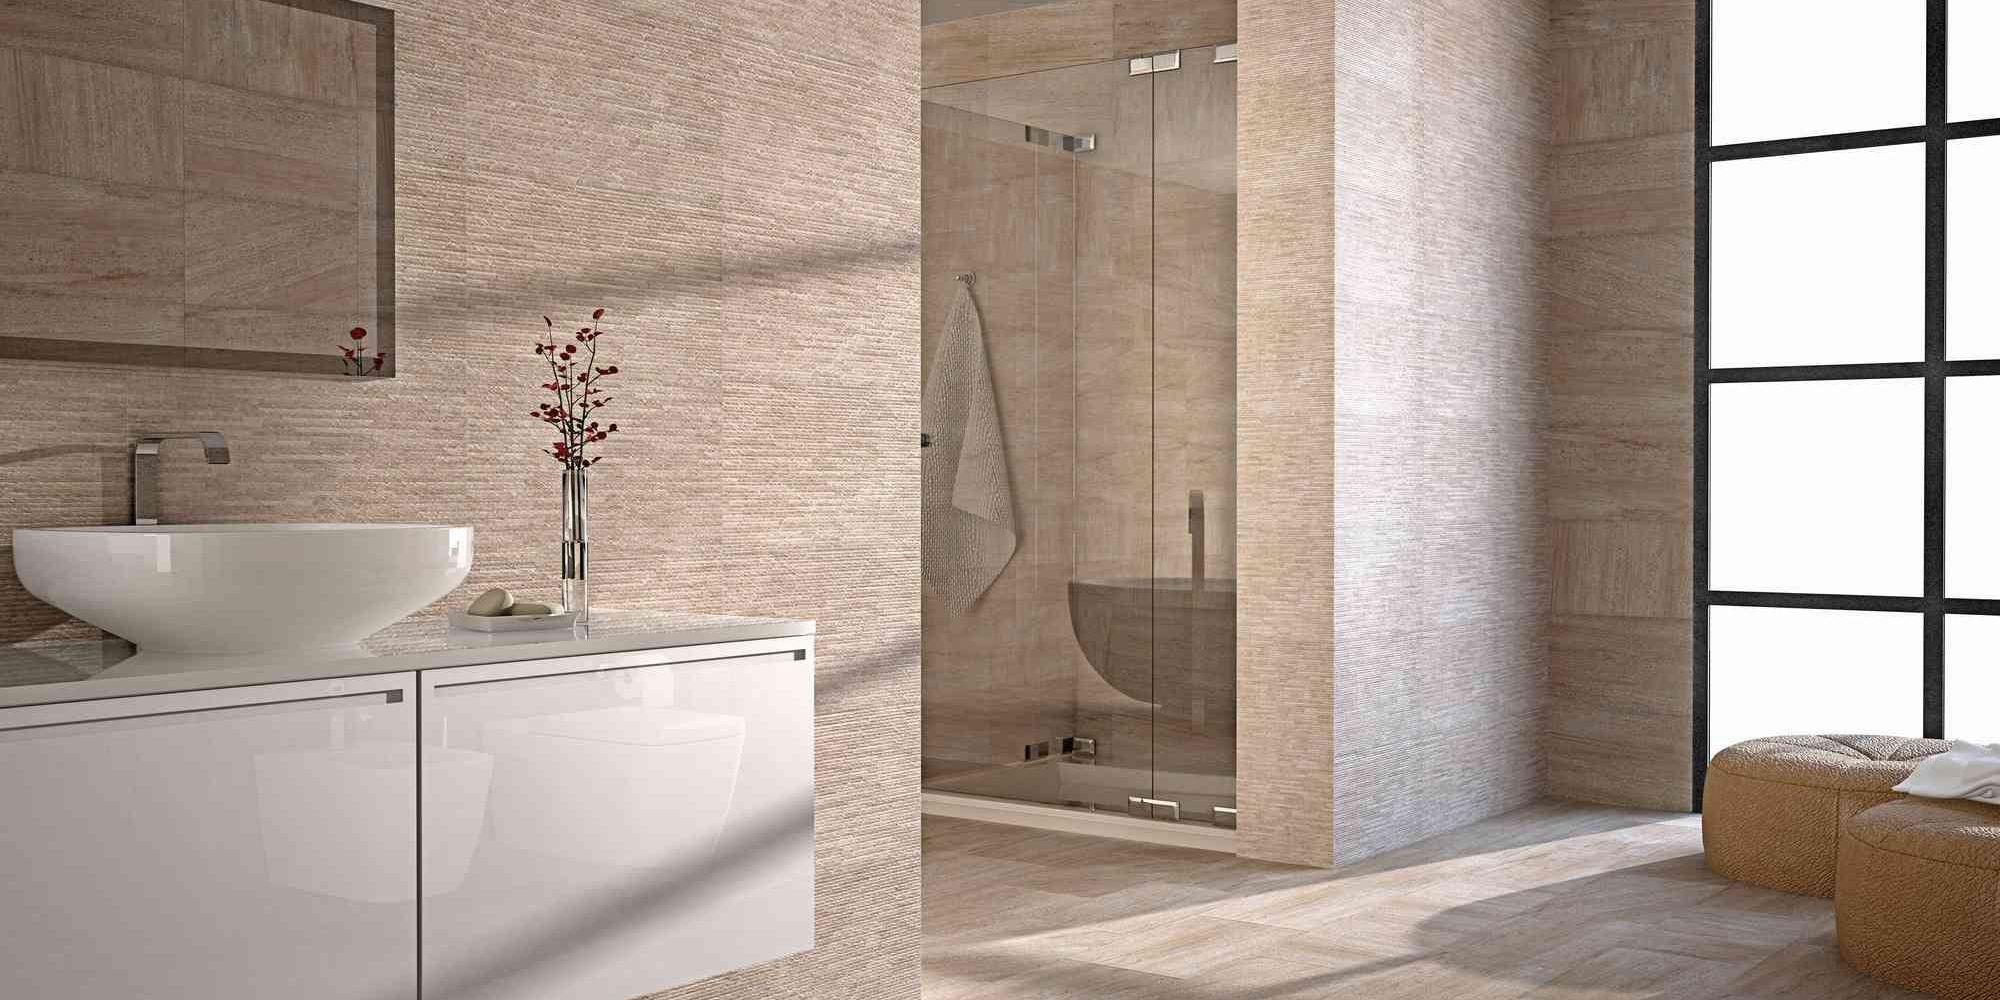 Home Tiles Kitchen Floor Ontario Beige Wall Tile 31x56cm Bathroom